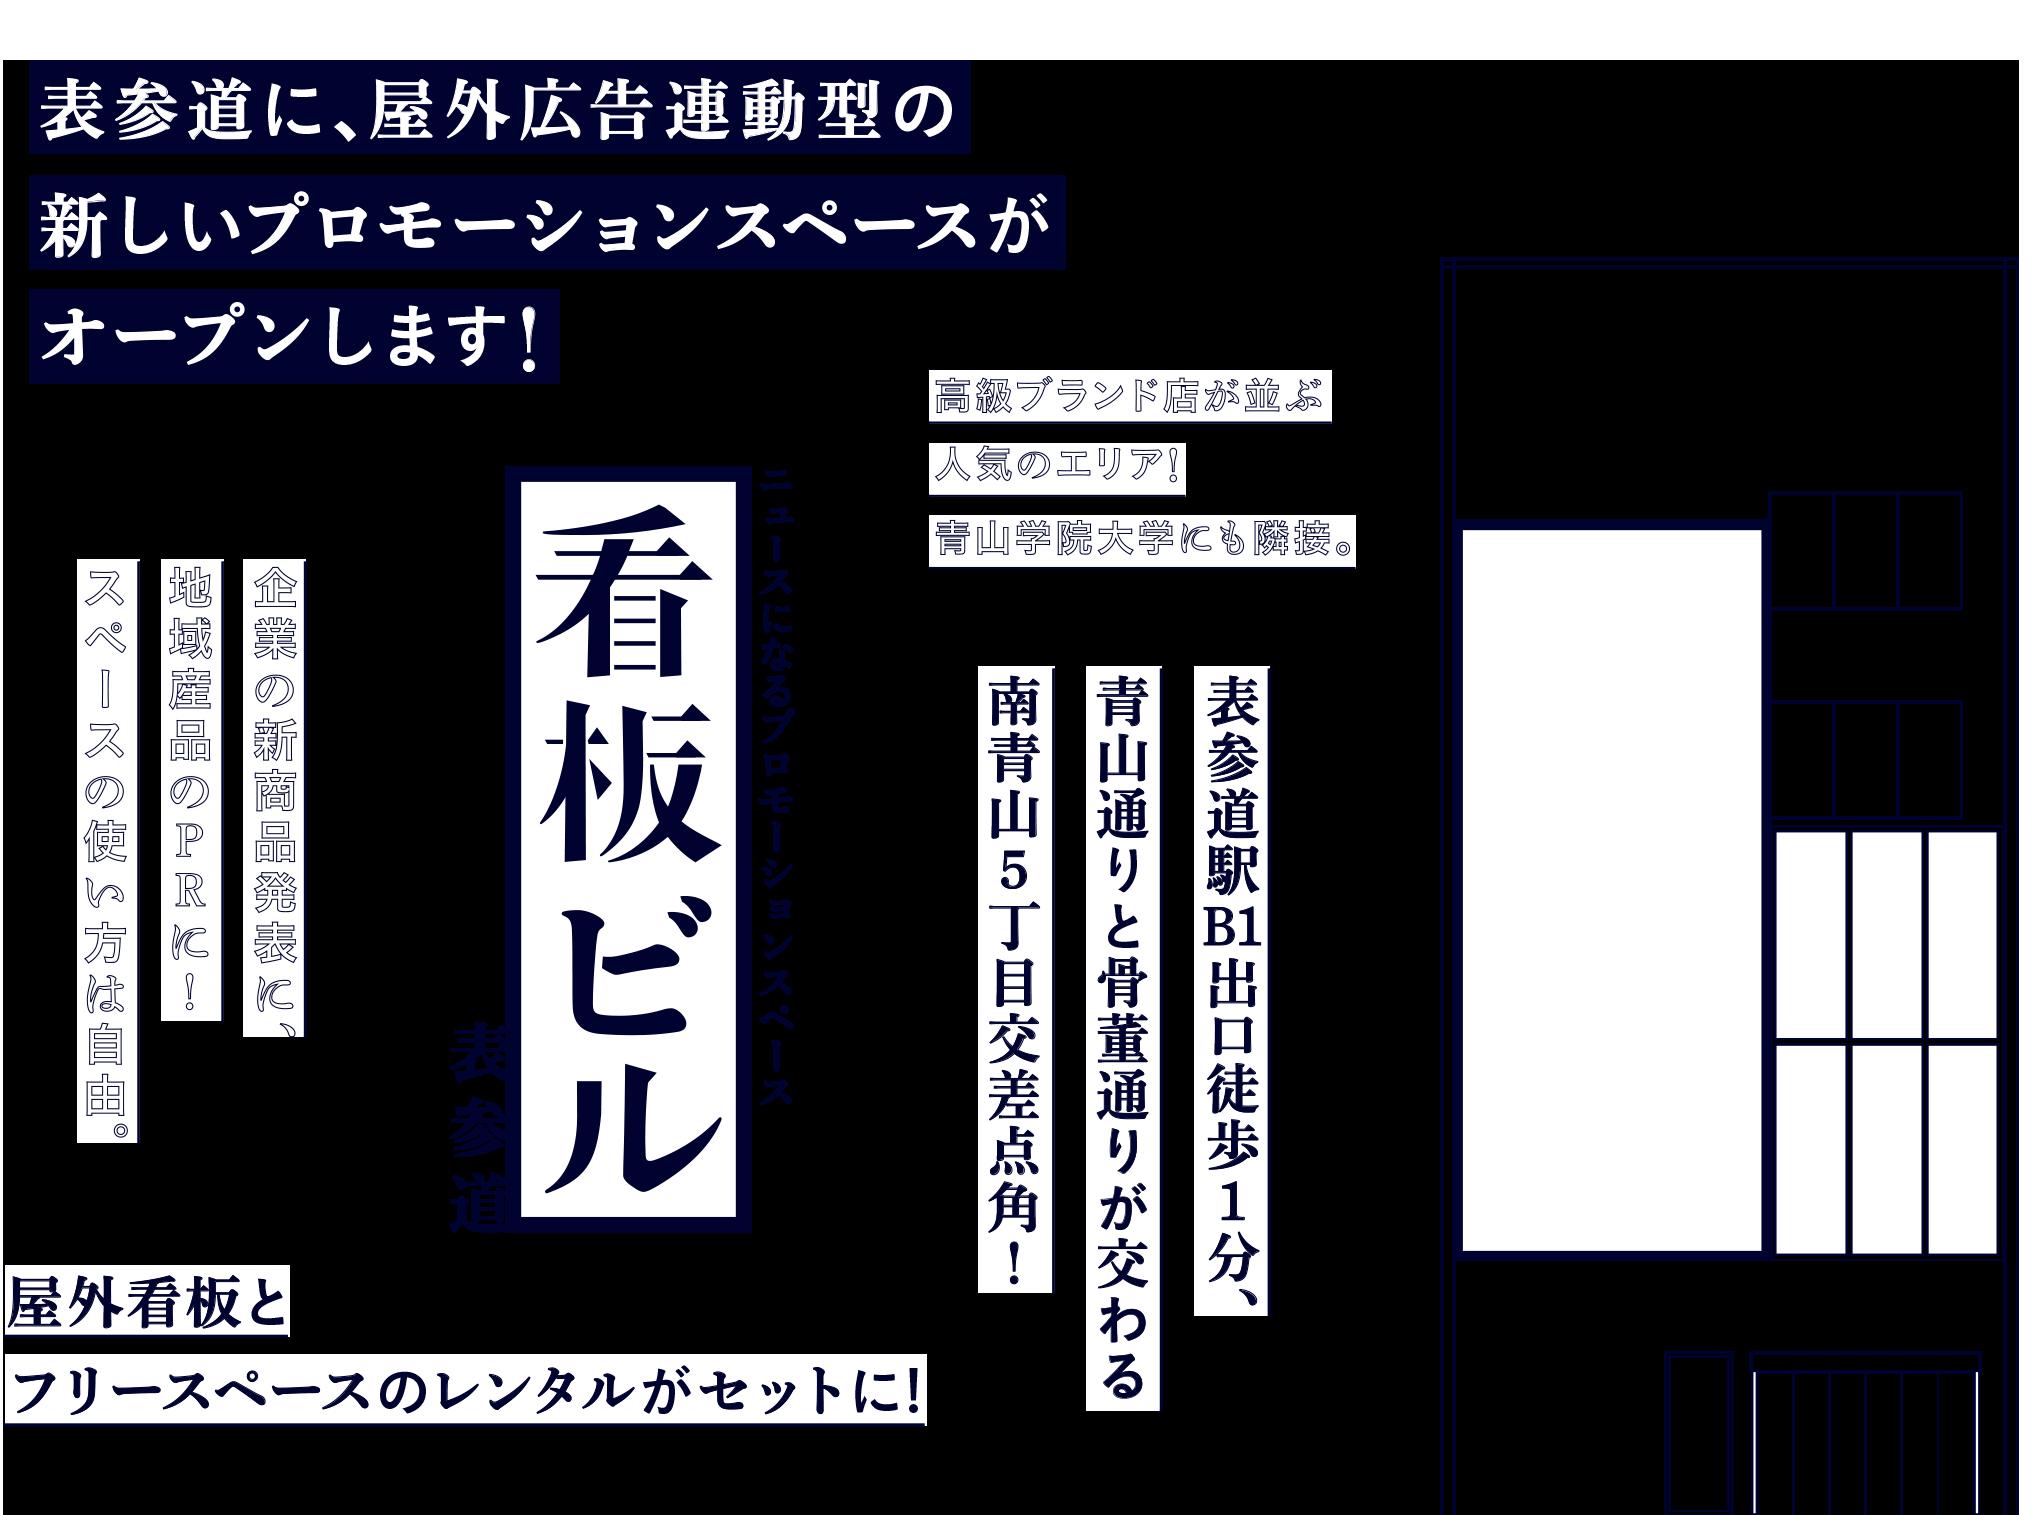 10月1日表参道に、OOH連動型の新しいプロモーションスペースがオープンします!